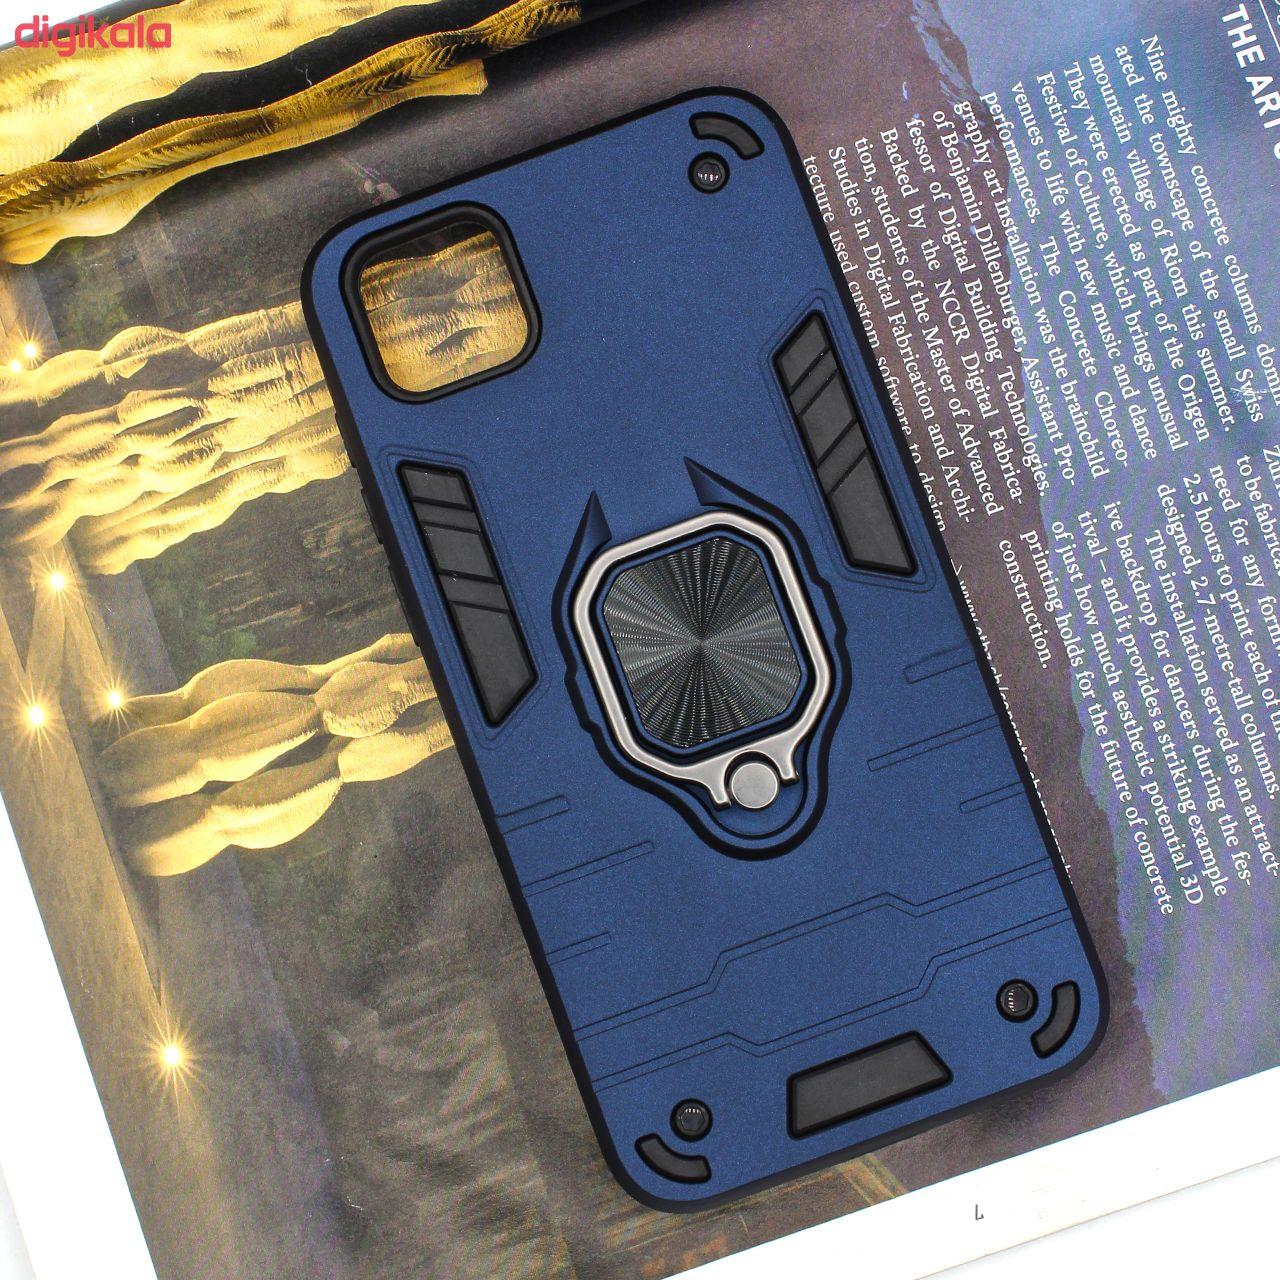 کاور کینگ پاور مدل ASH22 مناسب برای گوشی موبایل هوآوی Y5p / Y5 2020 / آنر 9S main 1 11